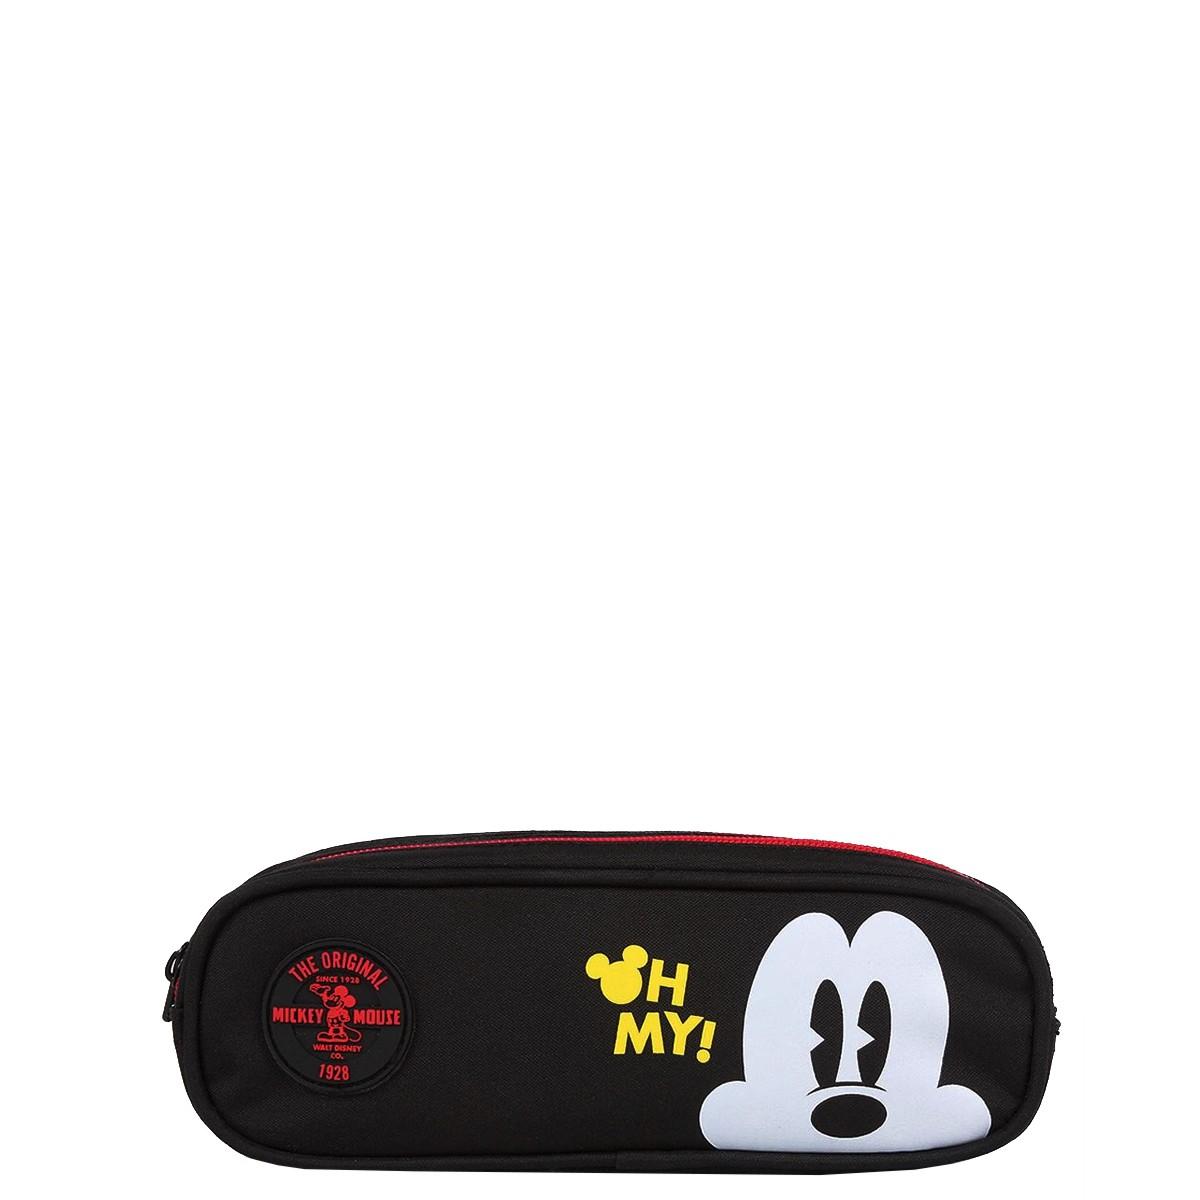 Estojo Triplo Disney Mickey Oh My!   Cor: Preto